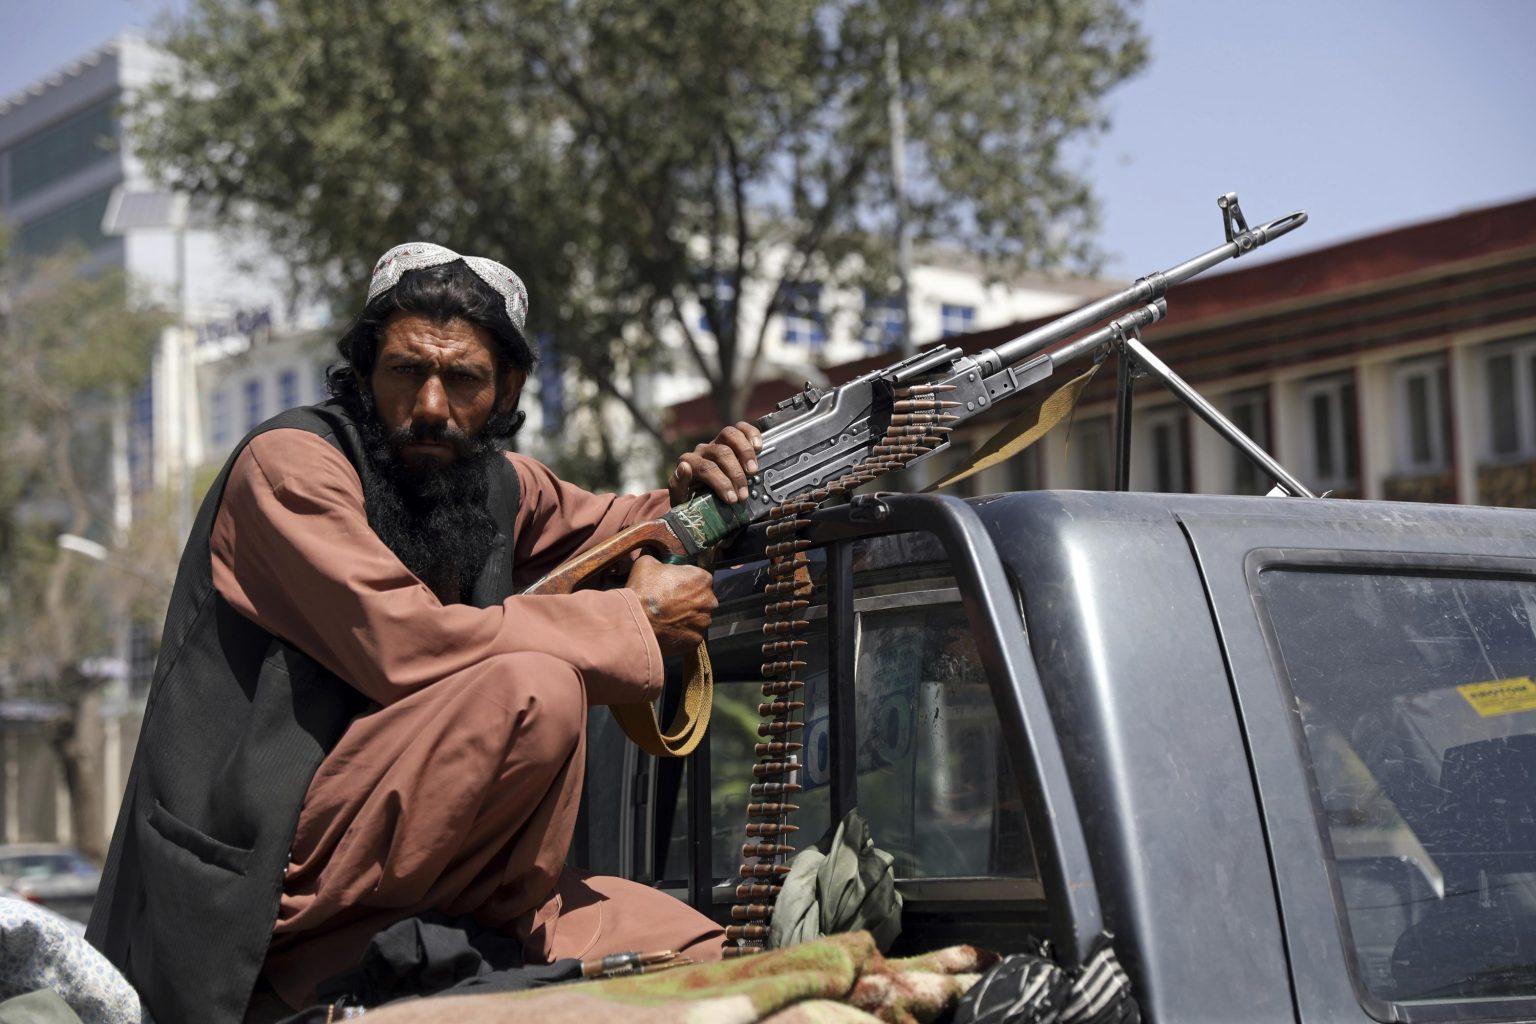 Талибы просили Россию помочь передать послание в единственную неподконтрольную точку Афганистана